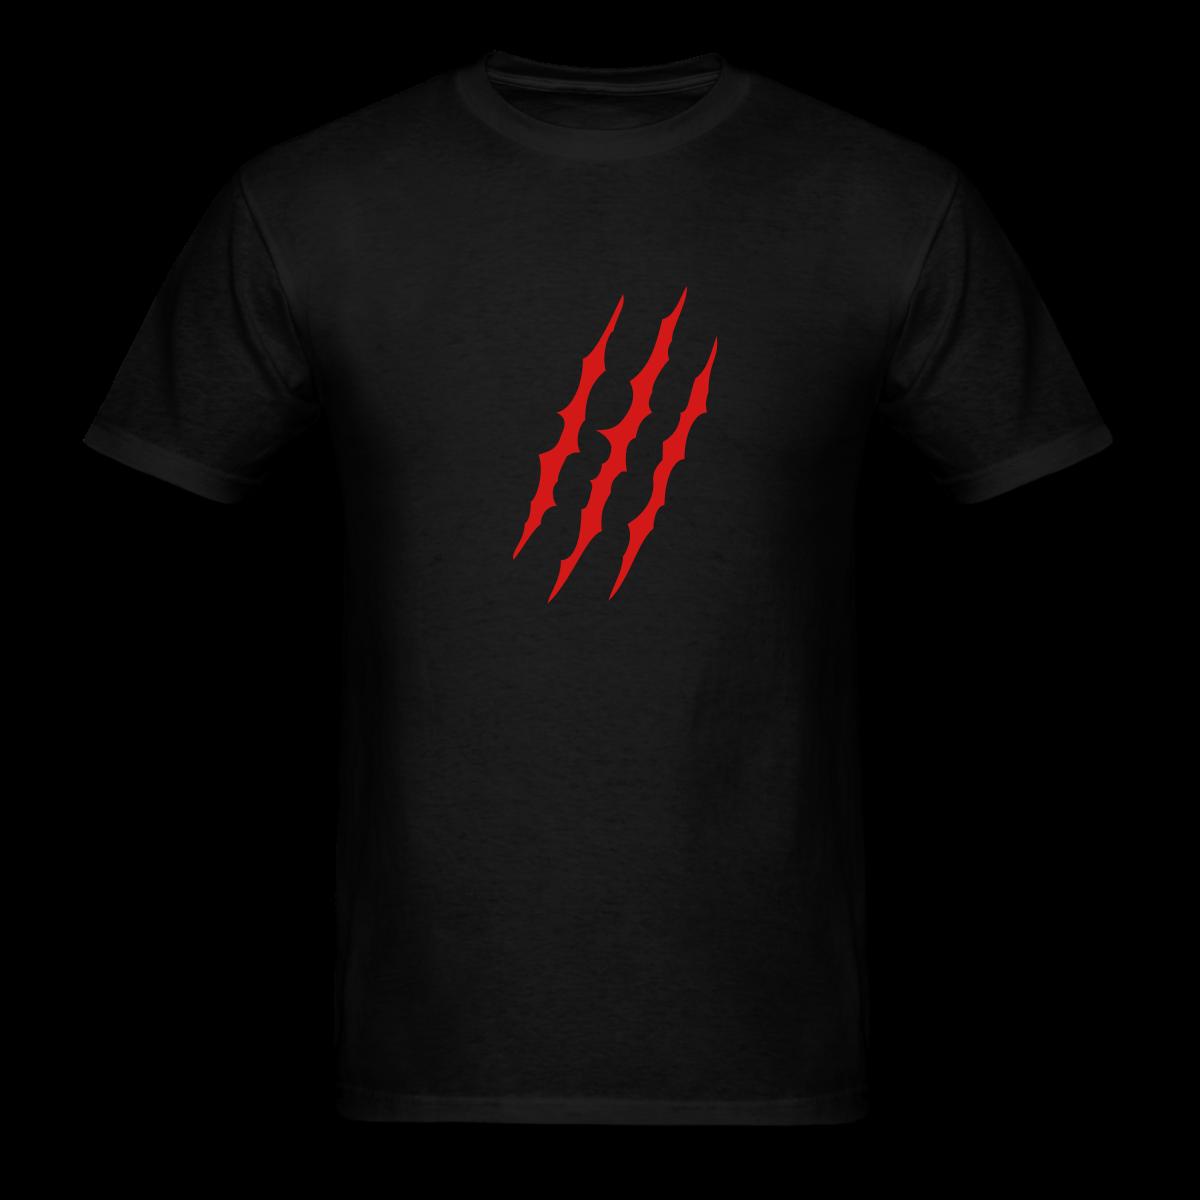 Black Claw Mark T Shirts Mens Tshirts Shirts T Shirt